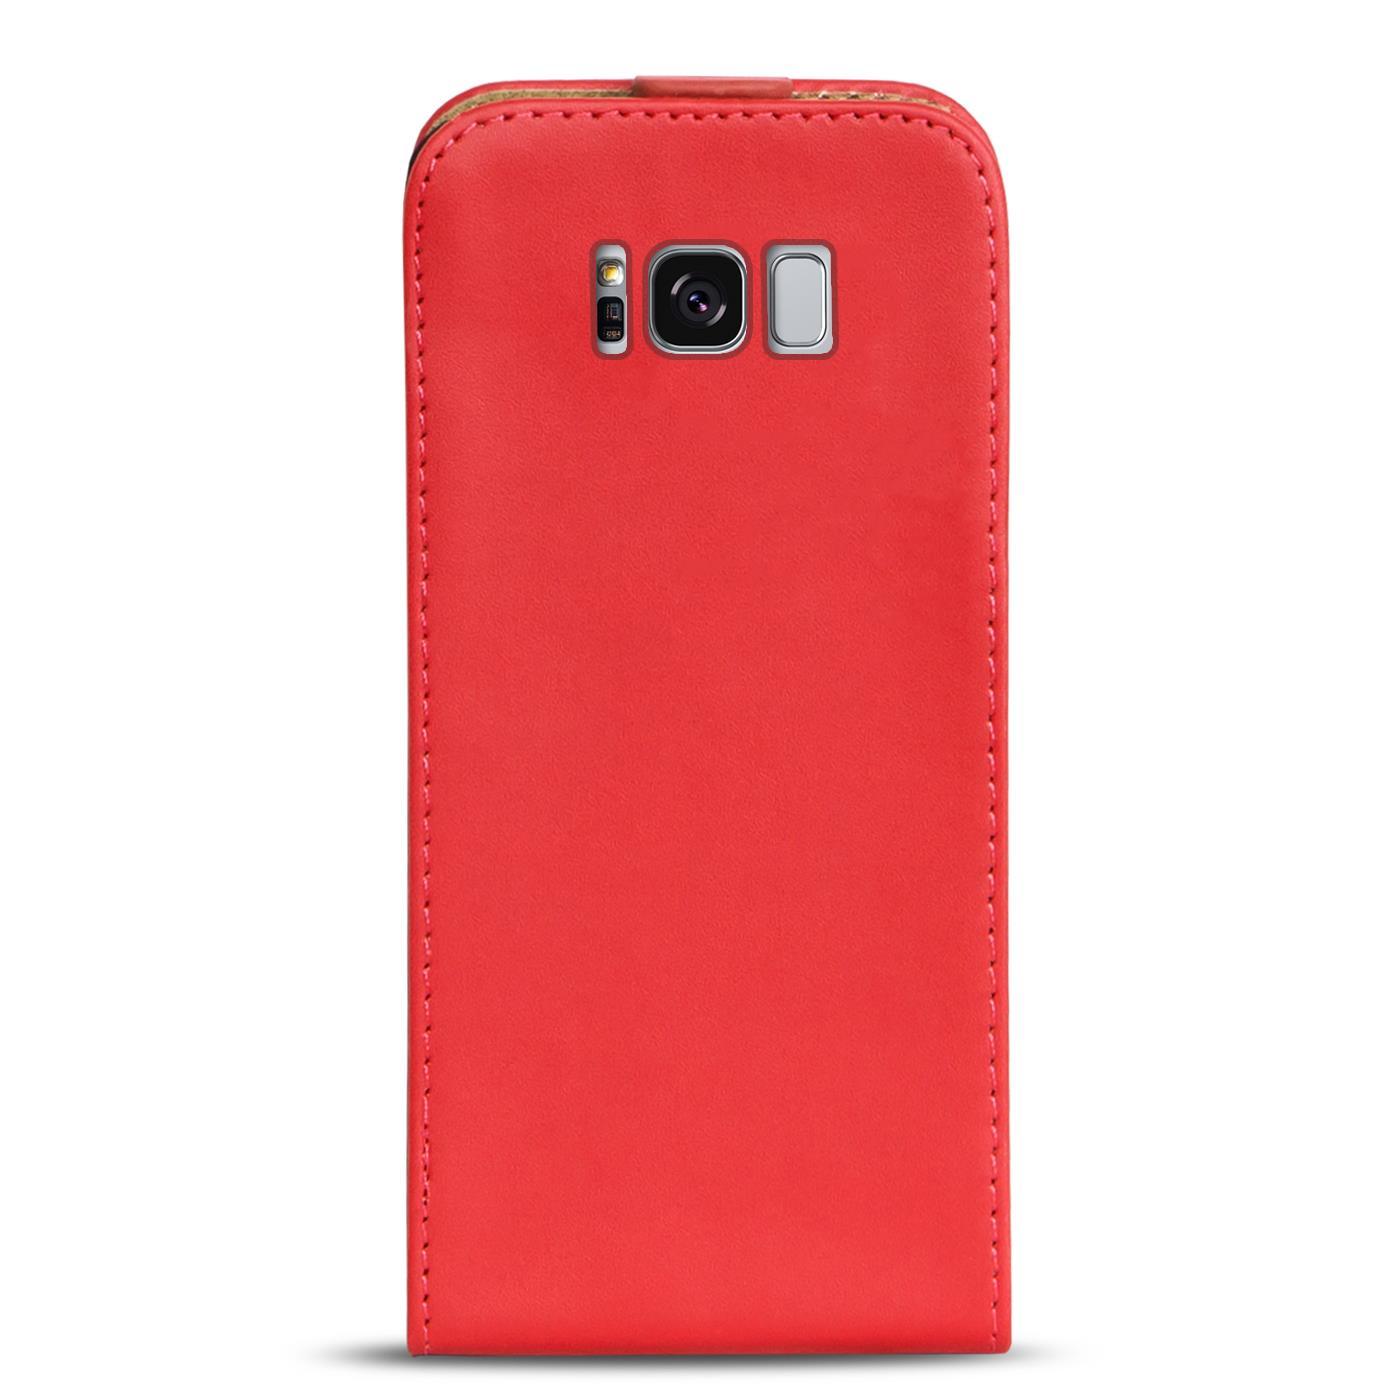 Klapphuelle-Samsung-Galaxy-Flip-Case-Tasche-Schutzhuelle-Cover-Schutz-Handy-Huelle Indexbild 29